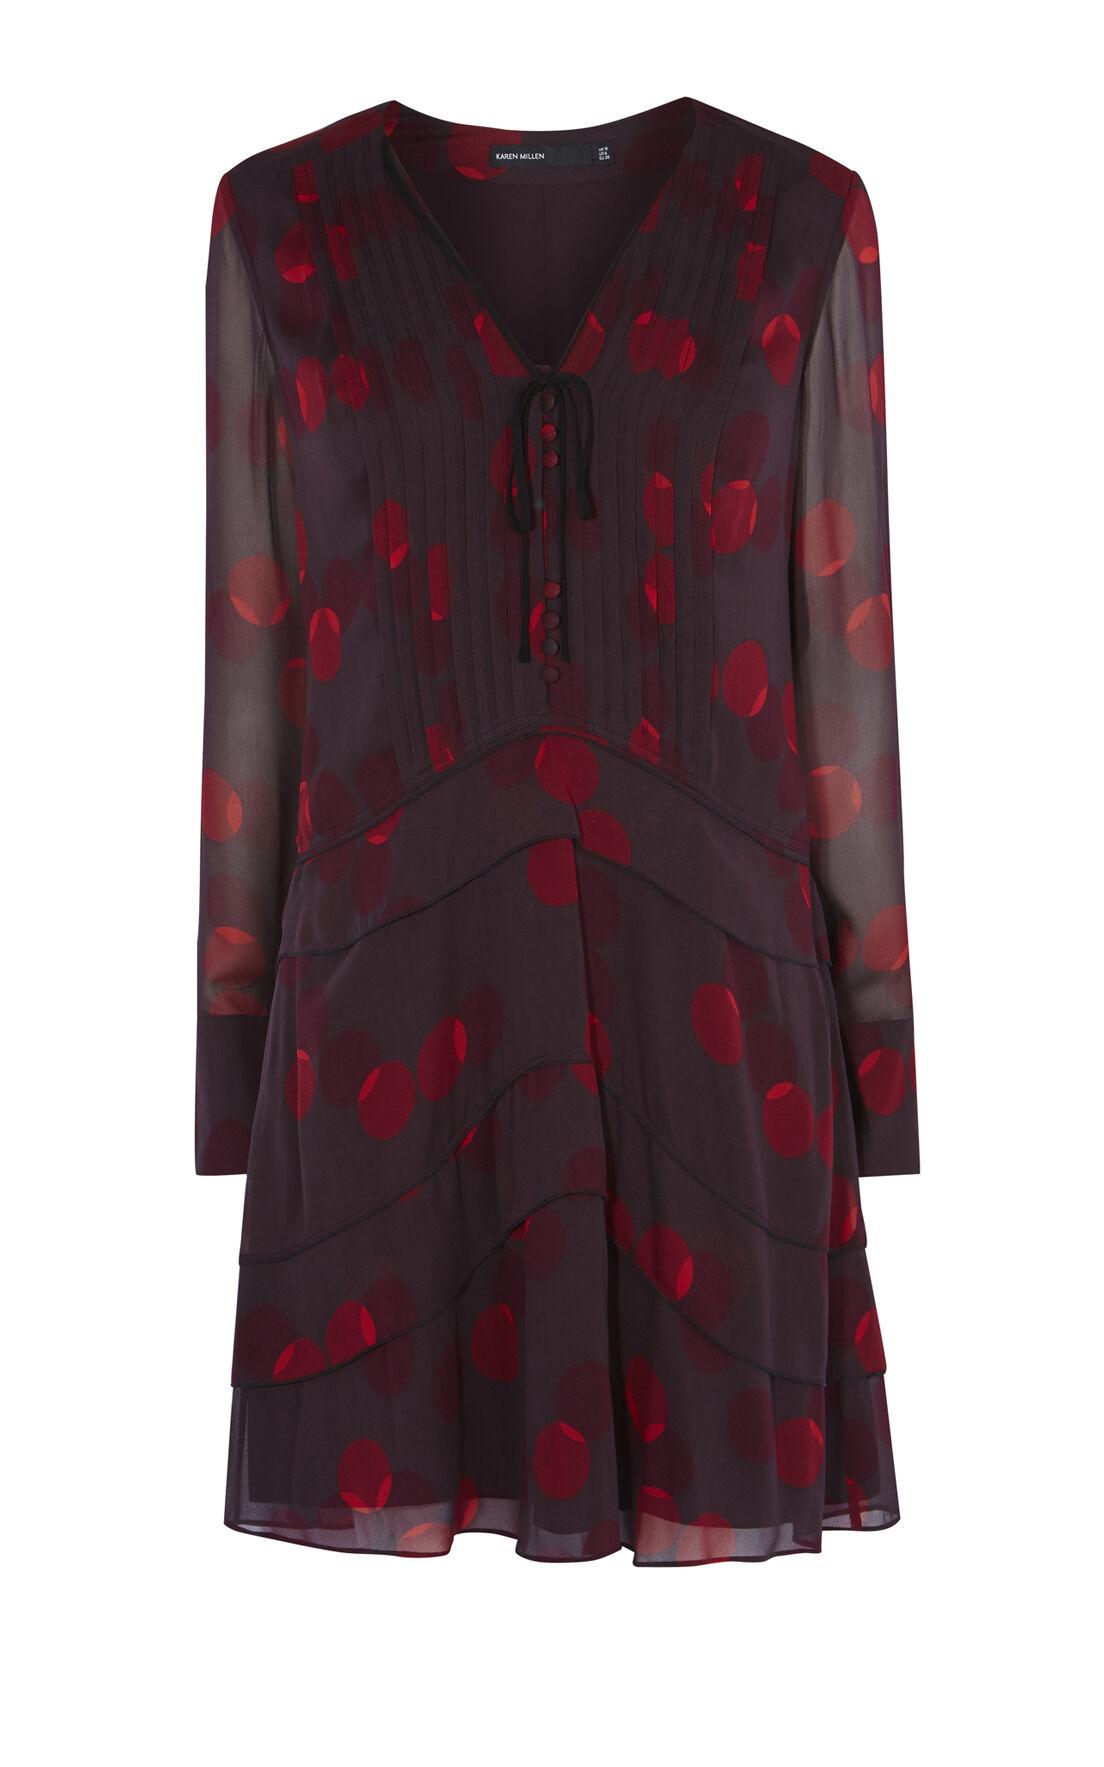 Karen Millen, GEO-PRINT SHIRT DRESS Multicolour 0